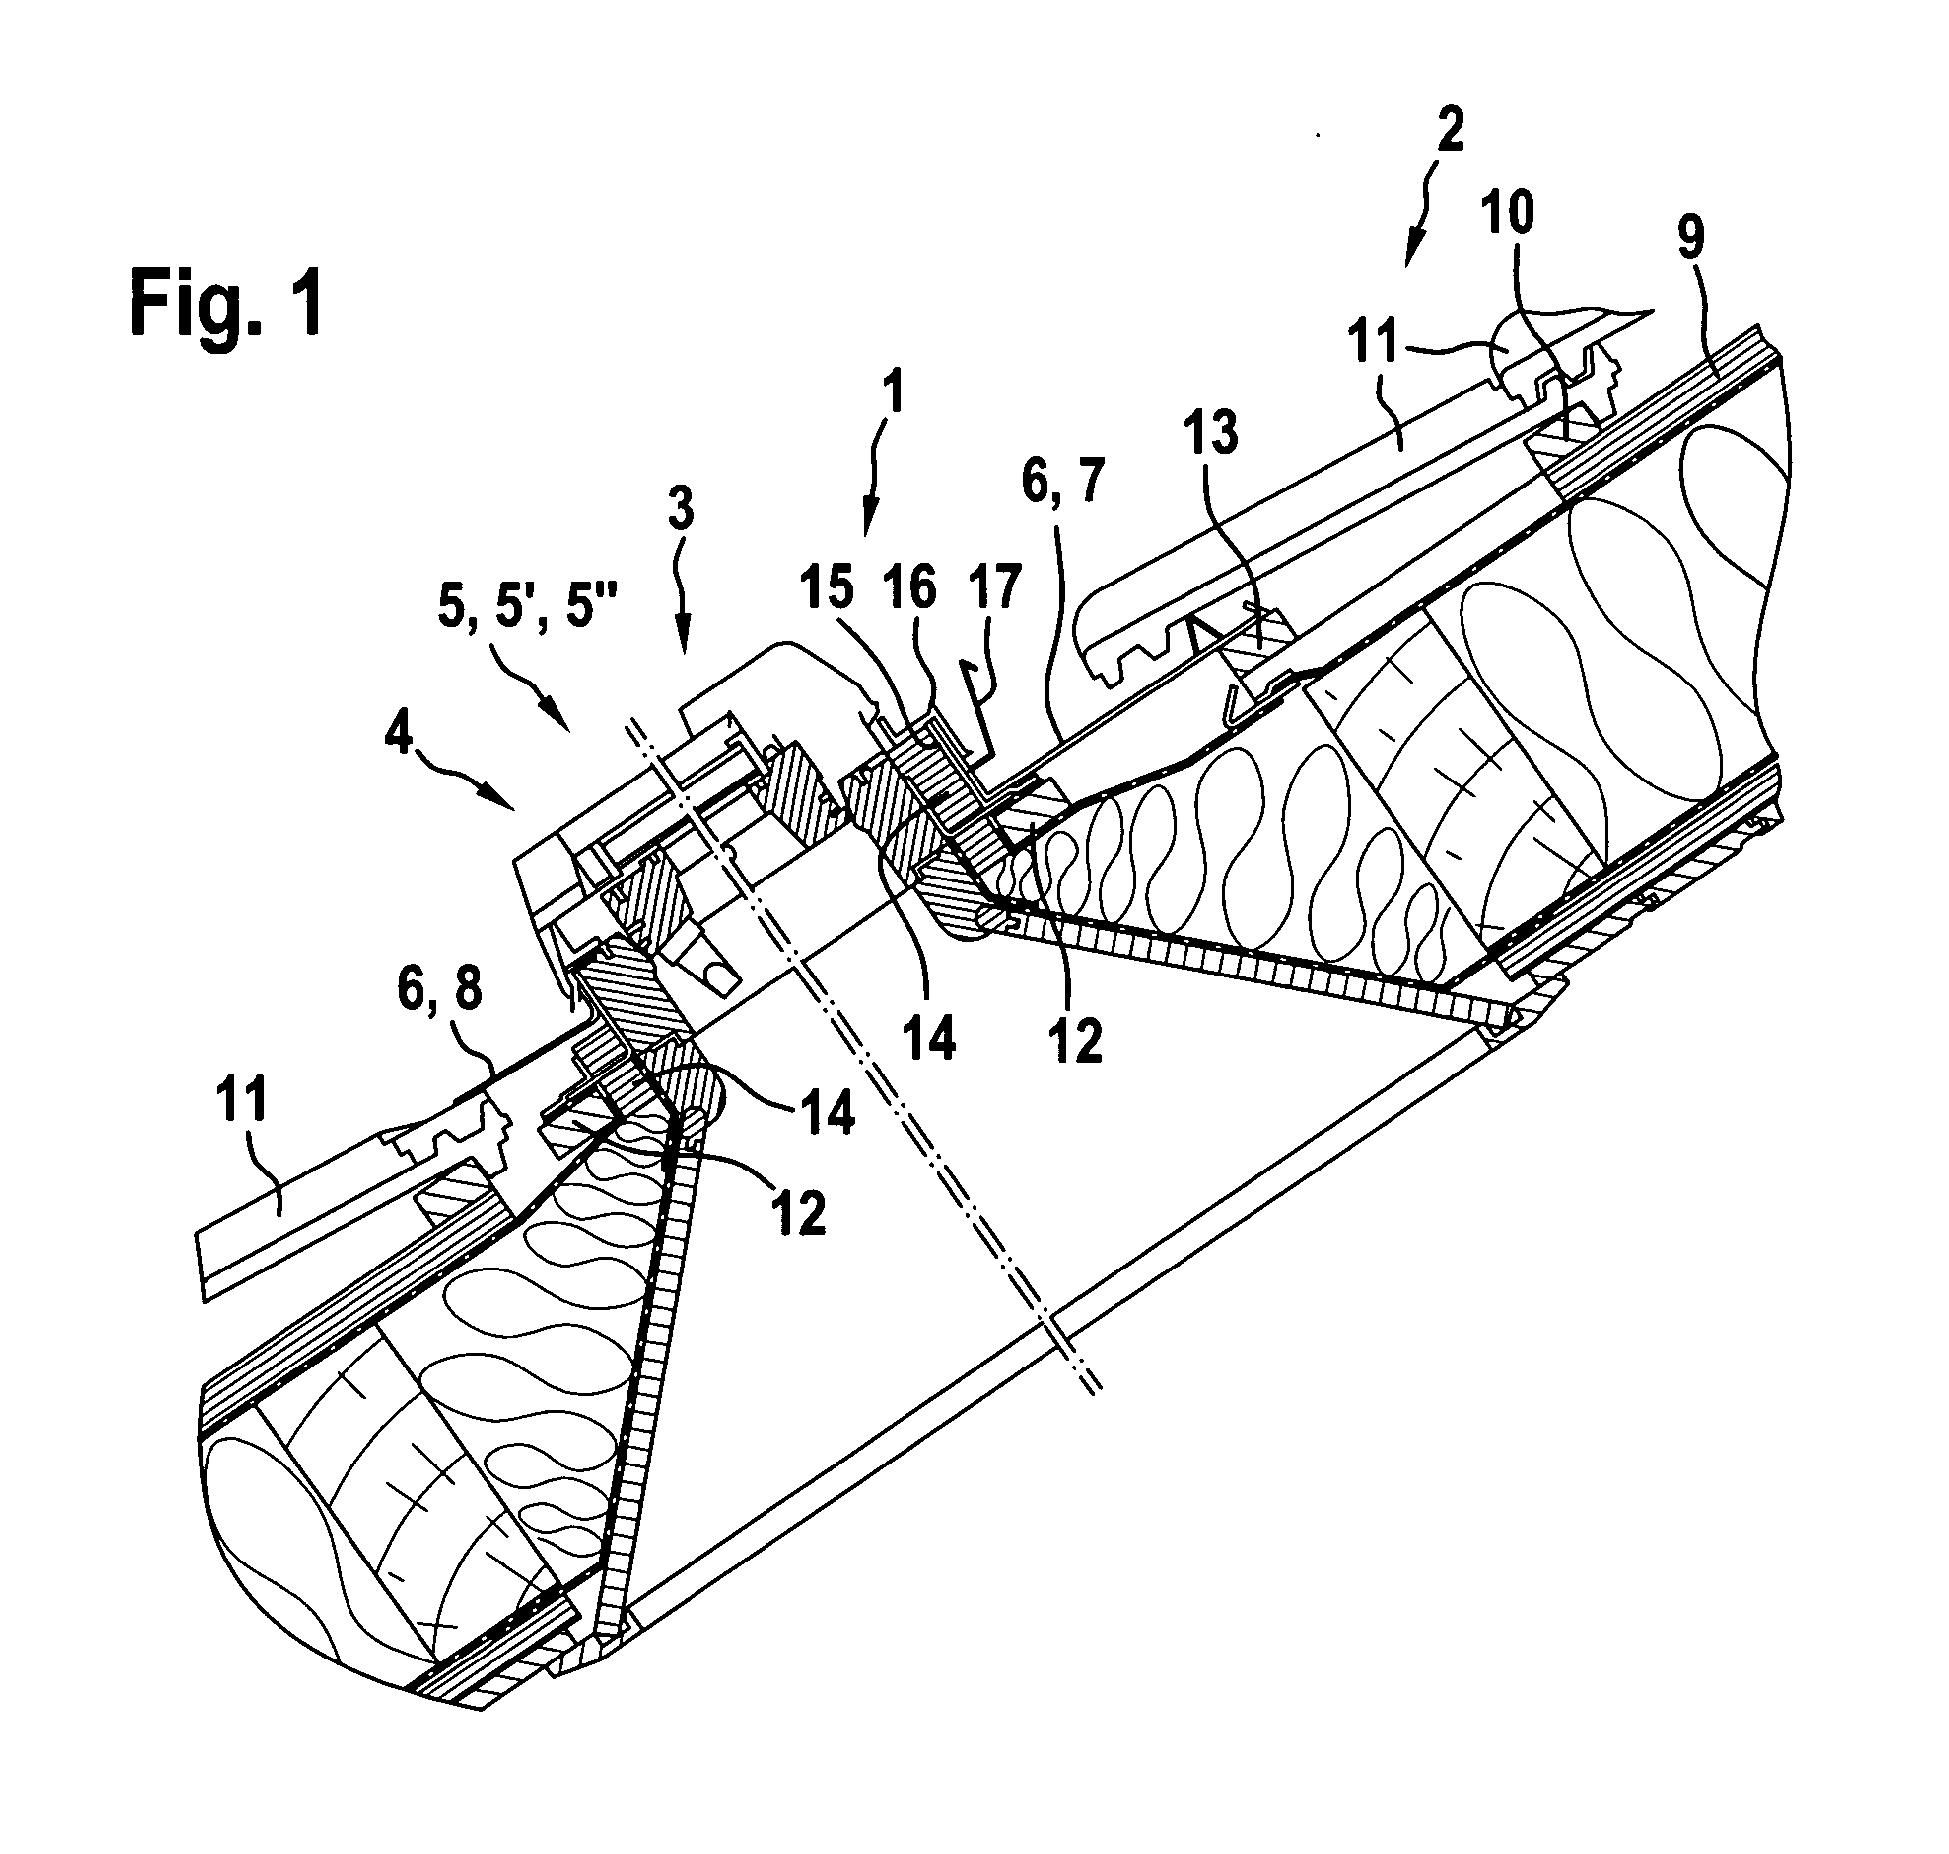 Dachfenster querschnitt  Patent EP2253769A2 - Bauelement-Anordnung für ein Dach - Google ...